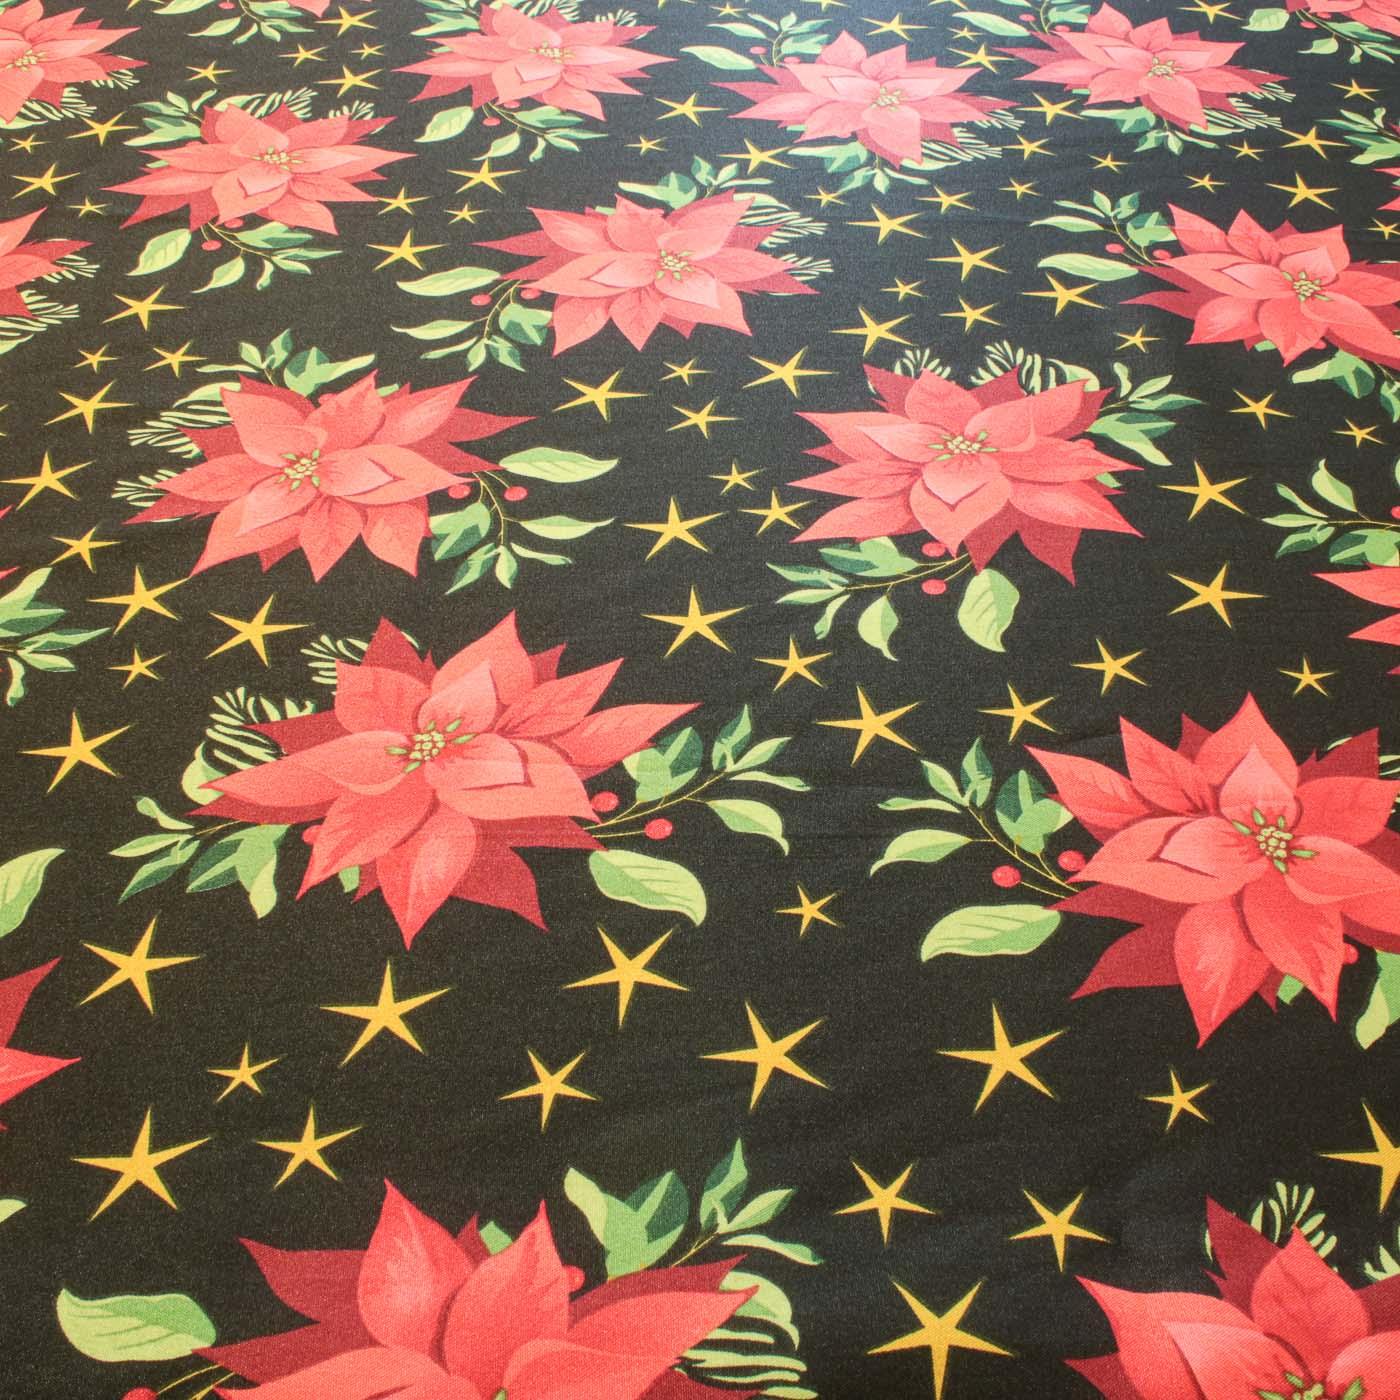 Tecido Oxford Estampado Natalino Flor Vermelha Natal - Preto